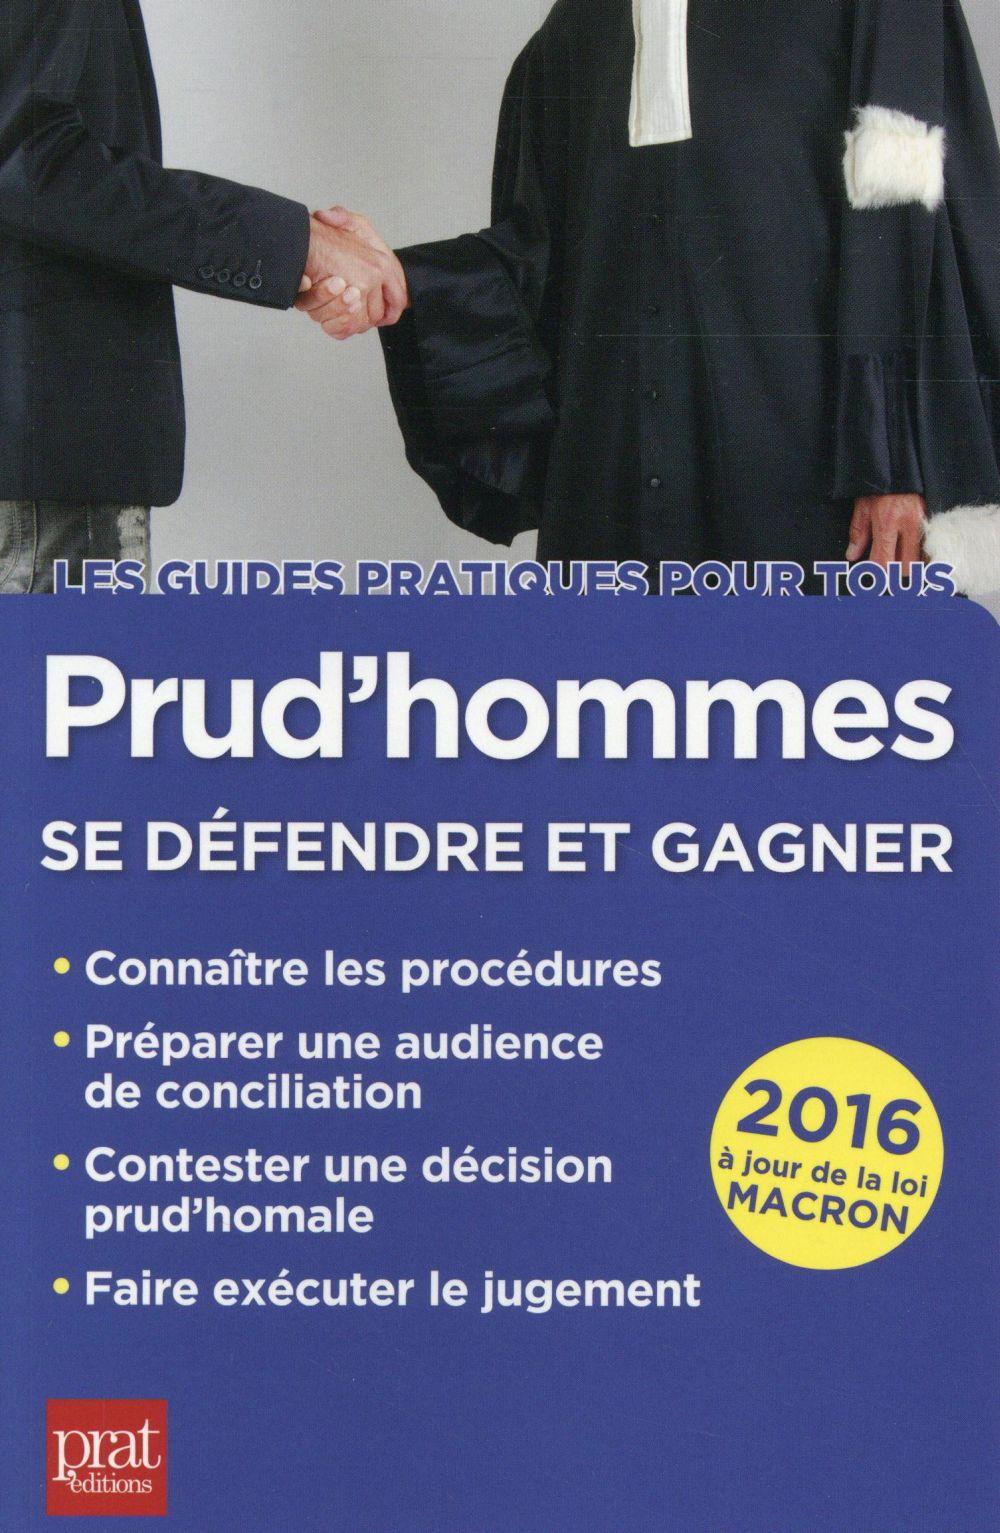 prud'hommes ; se défendre et gagner 2016